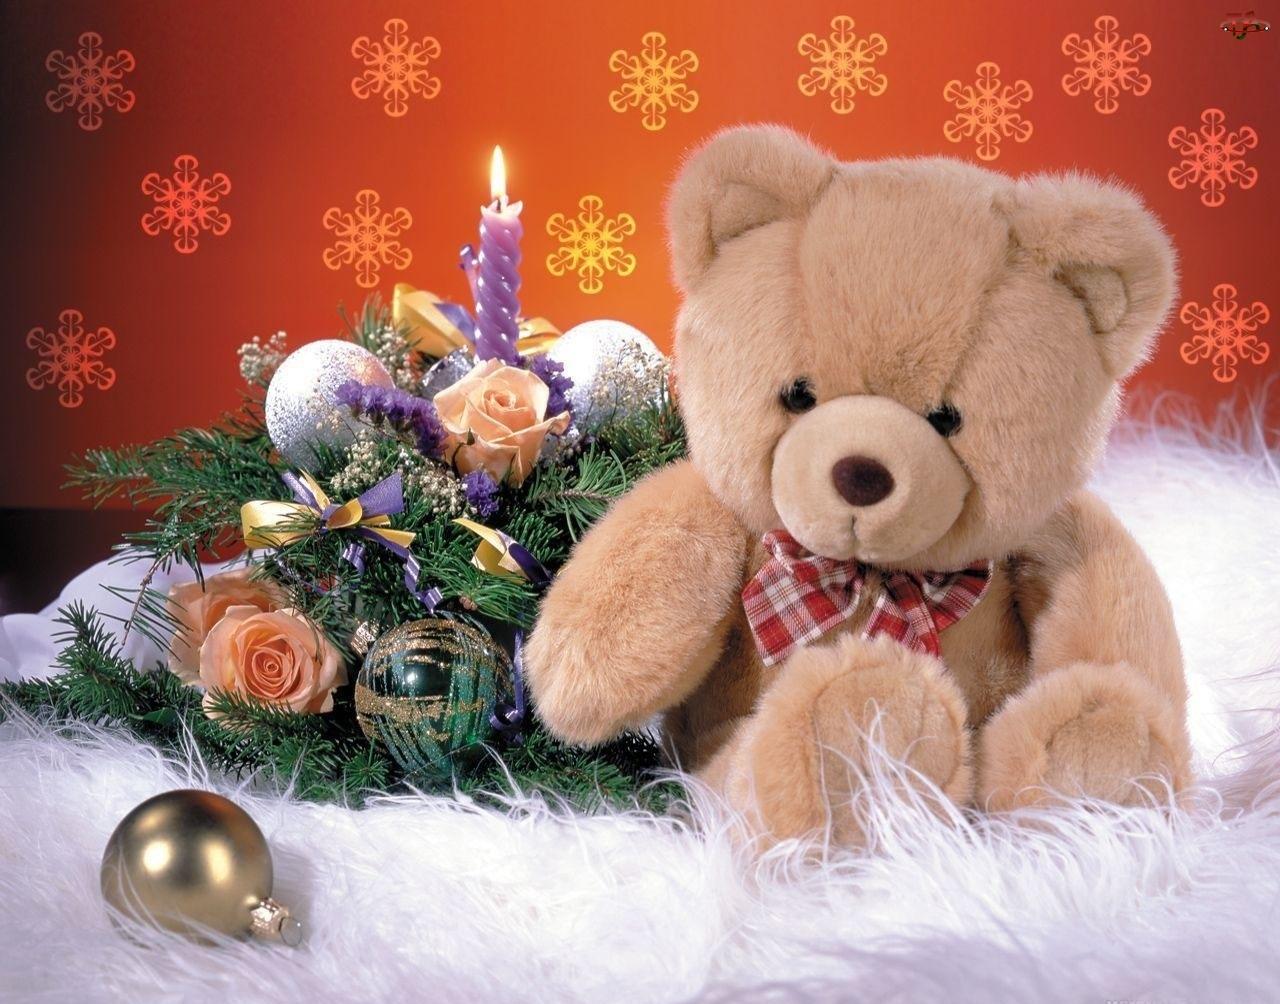 Narodzenie, Pluszowy, Święta, Miś, Boże, Stroik